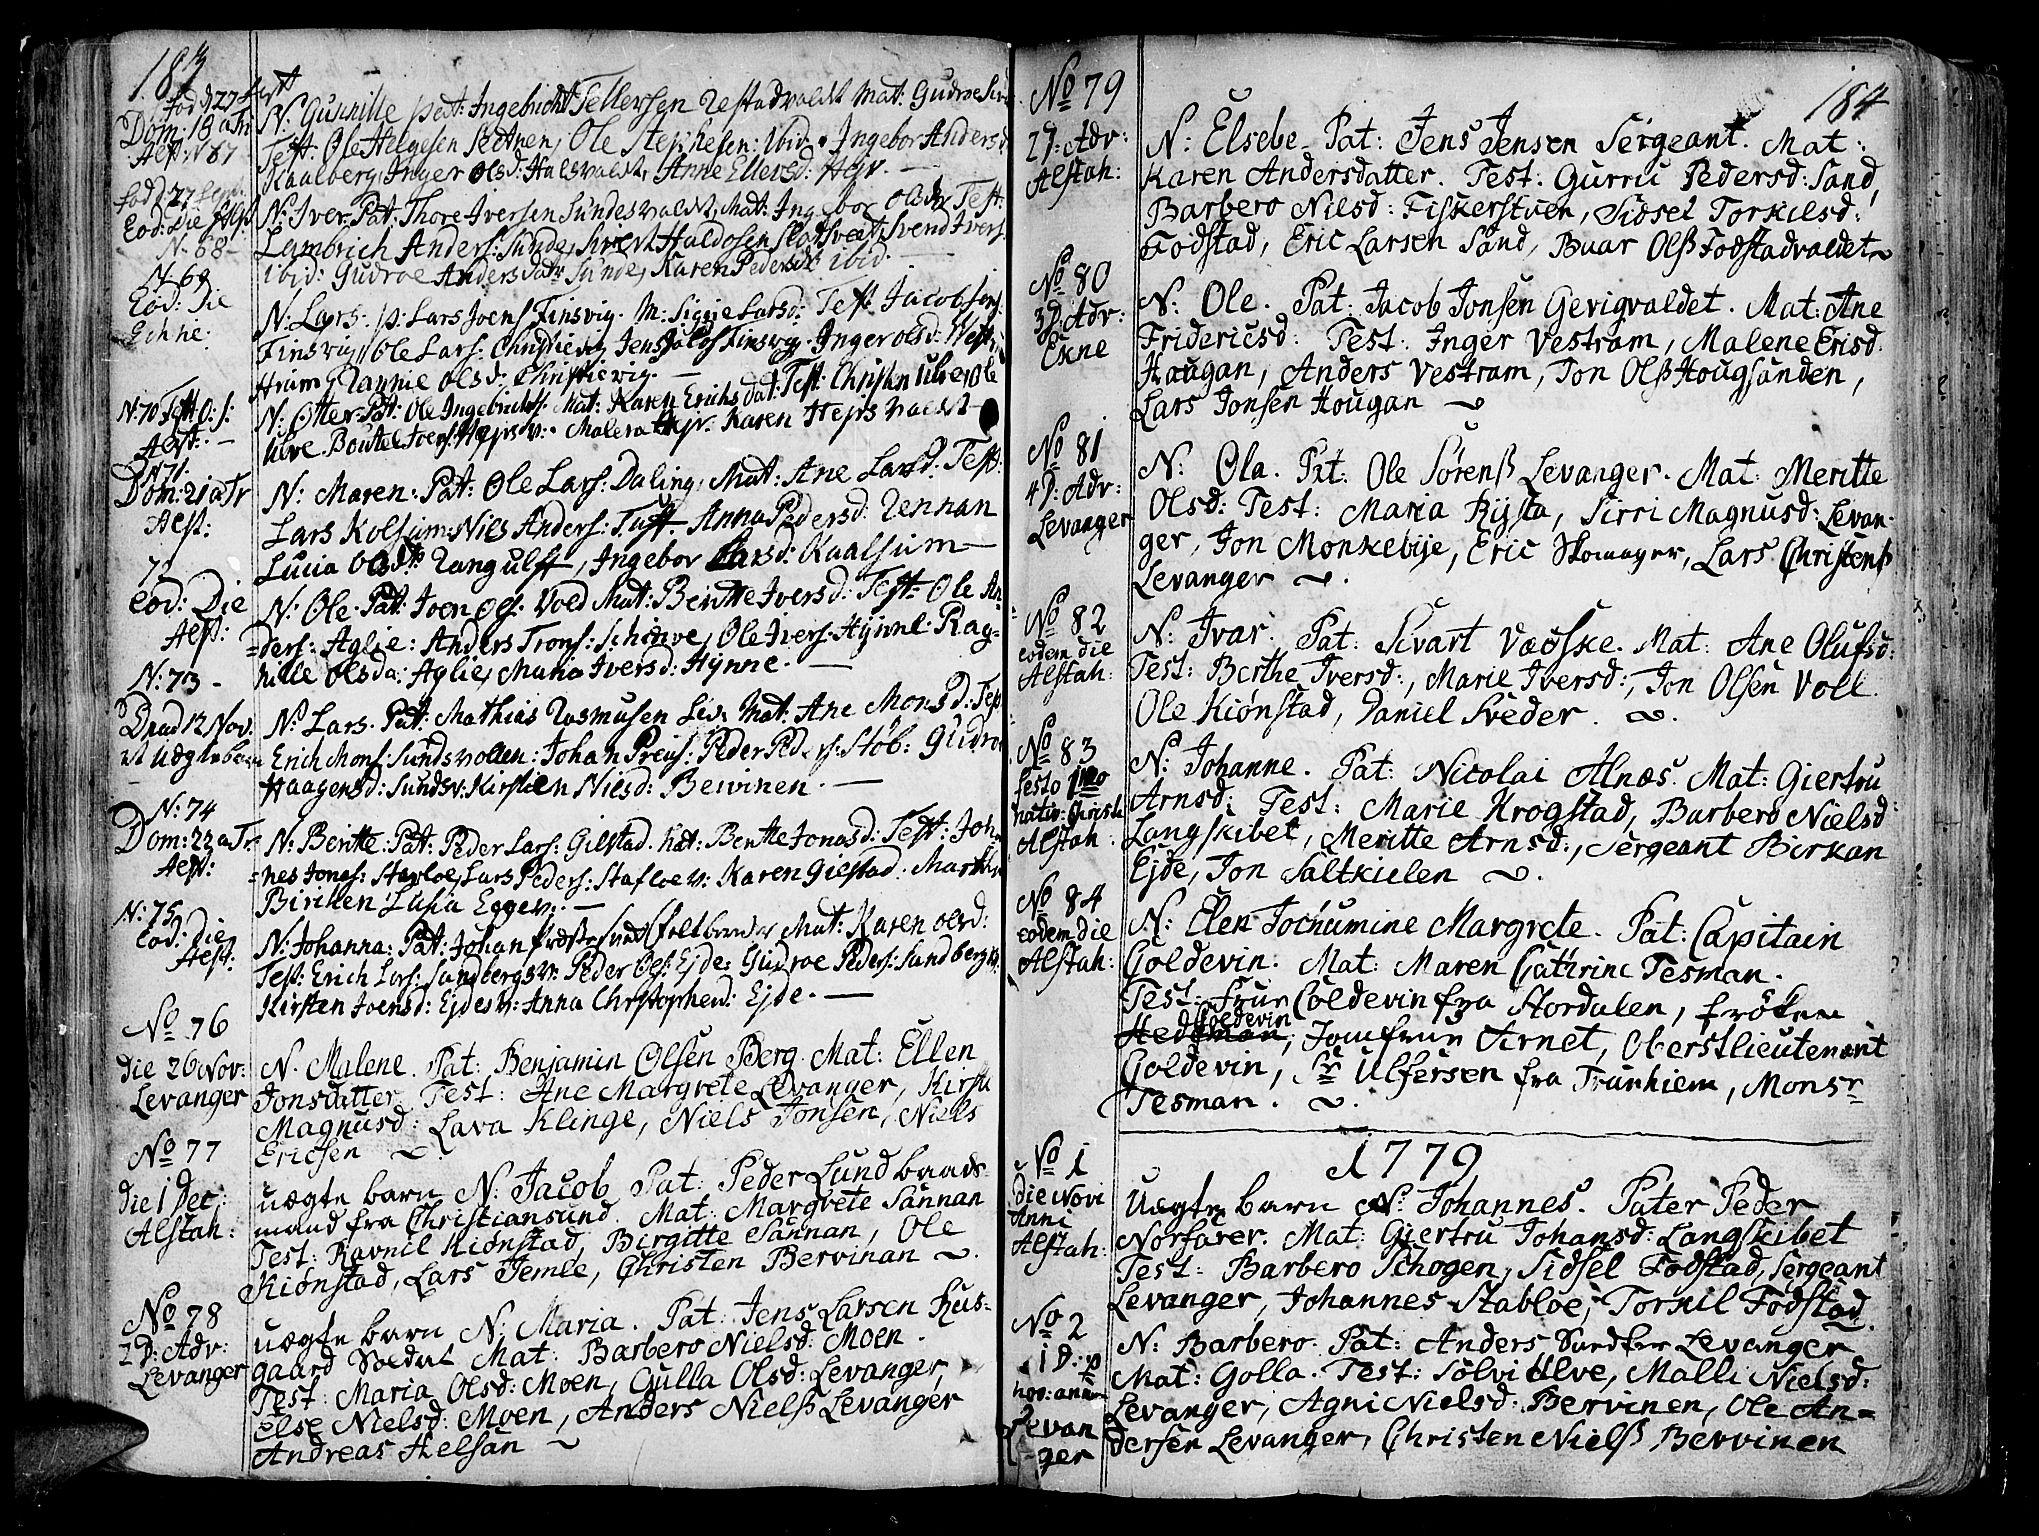 SAT, Ministerialprotokoller, klokkerbøker og fødselsregistre - Nord-Trøndelag, 717/L0141: Ministerialbok nr. 717A01, 1747-1803, s. 183-184